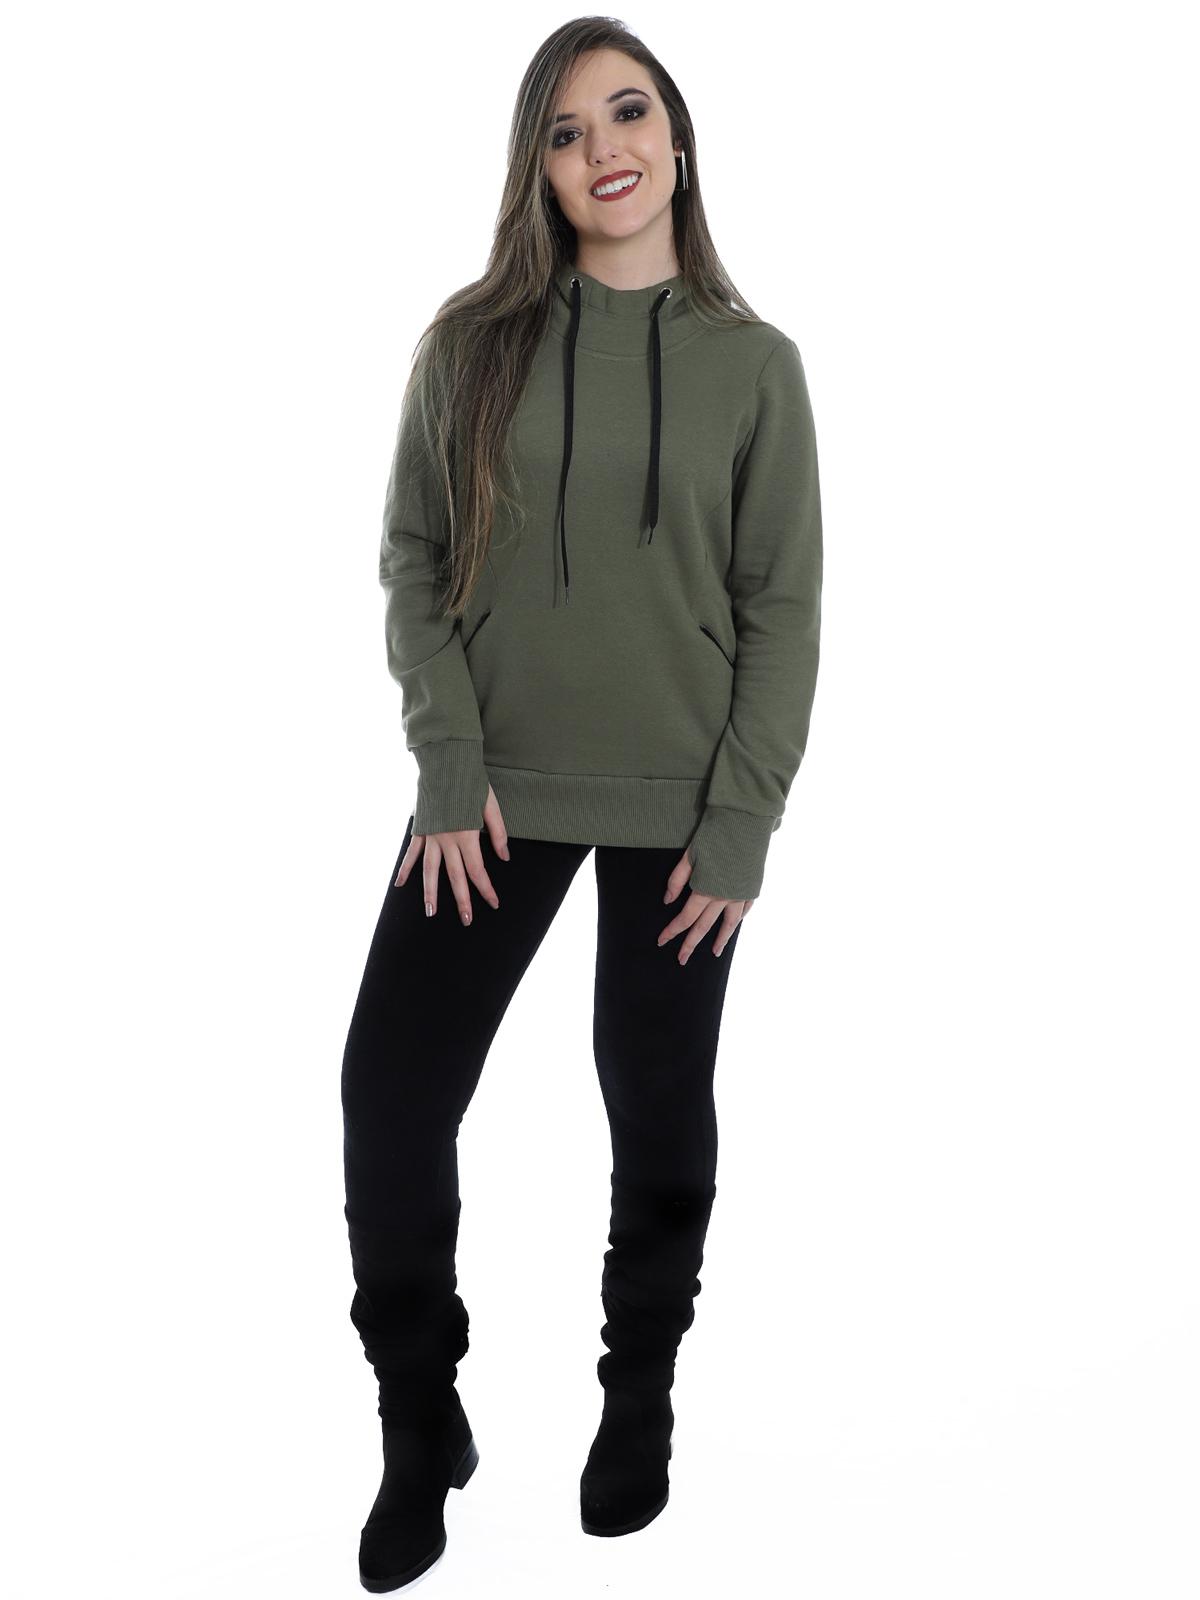 Blusa Moletom Feminino Estiloso Com Touca E Zíper Verde Militar